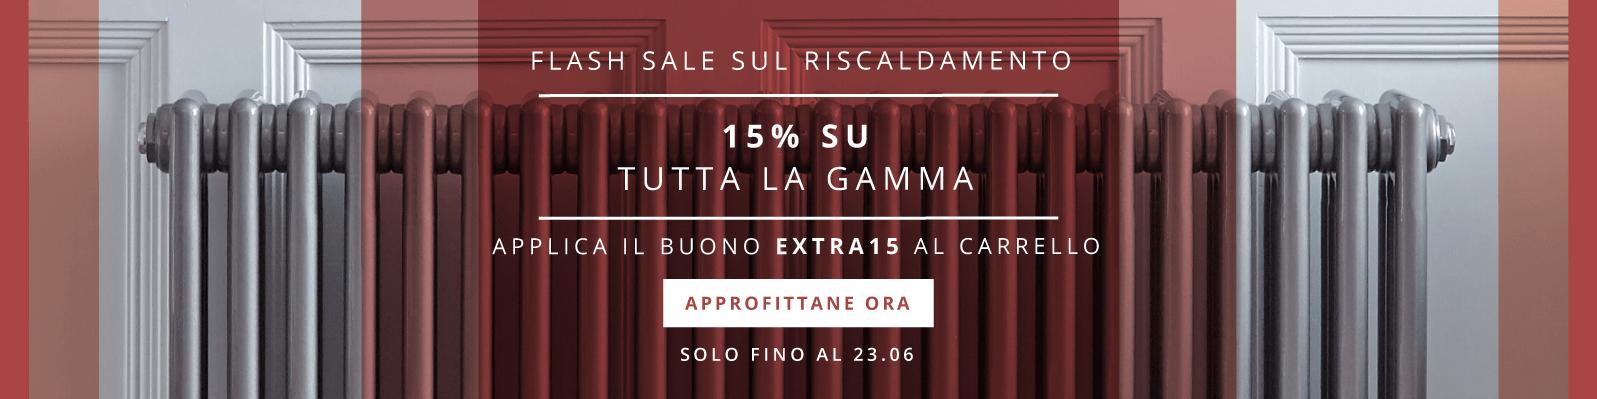 15% Su Tutta La Gamma - Applica Il Buono EXTRA15 Al Carrello